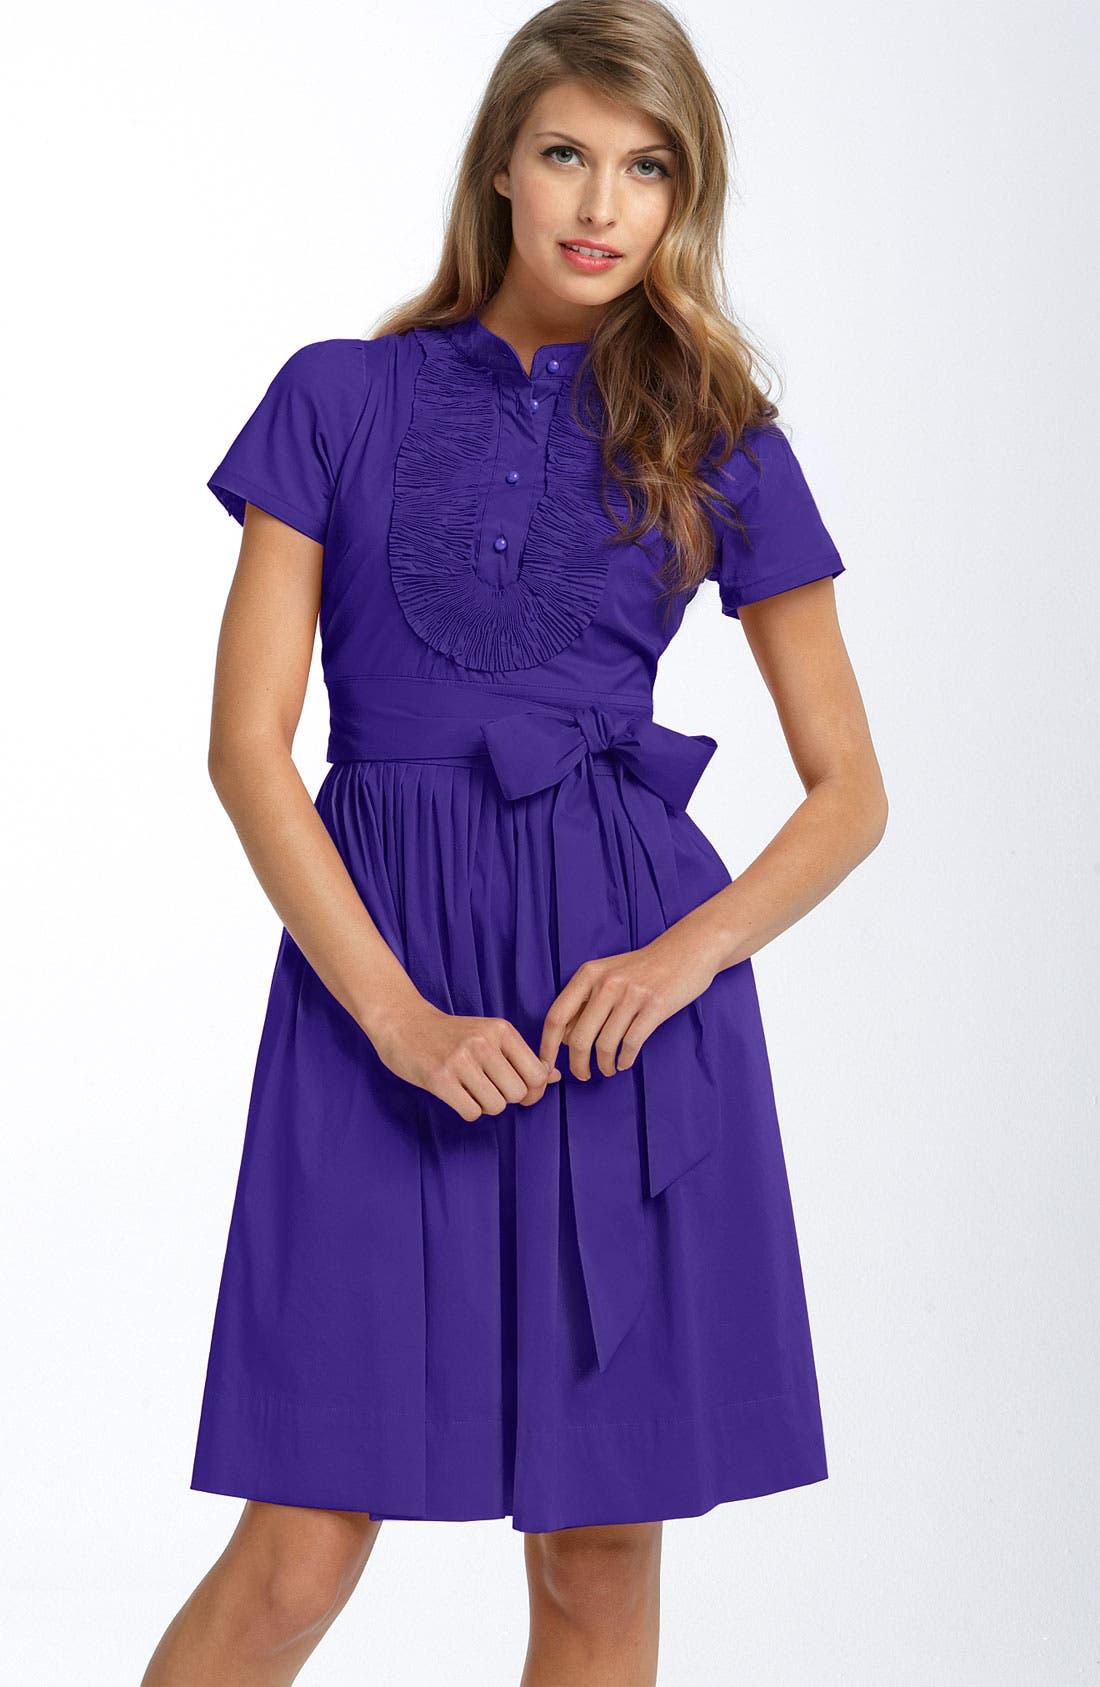 Alternate Image 1 Selected - Eliza J Ruffle Bib Stretch Cotton Shirtdress